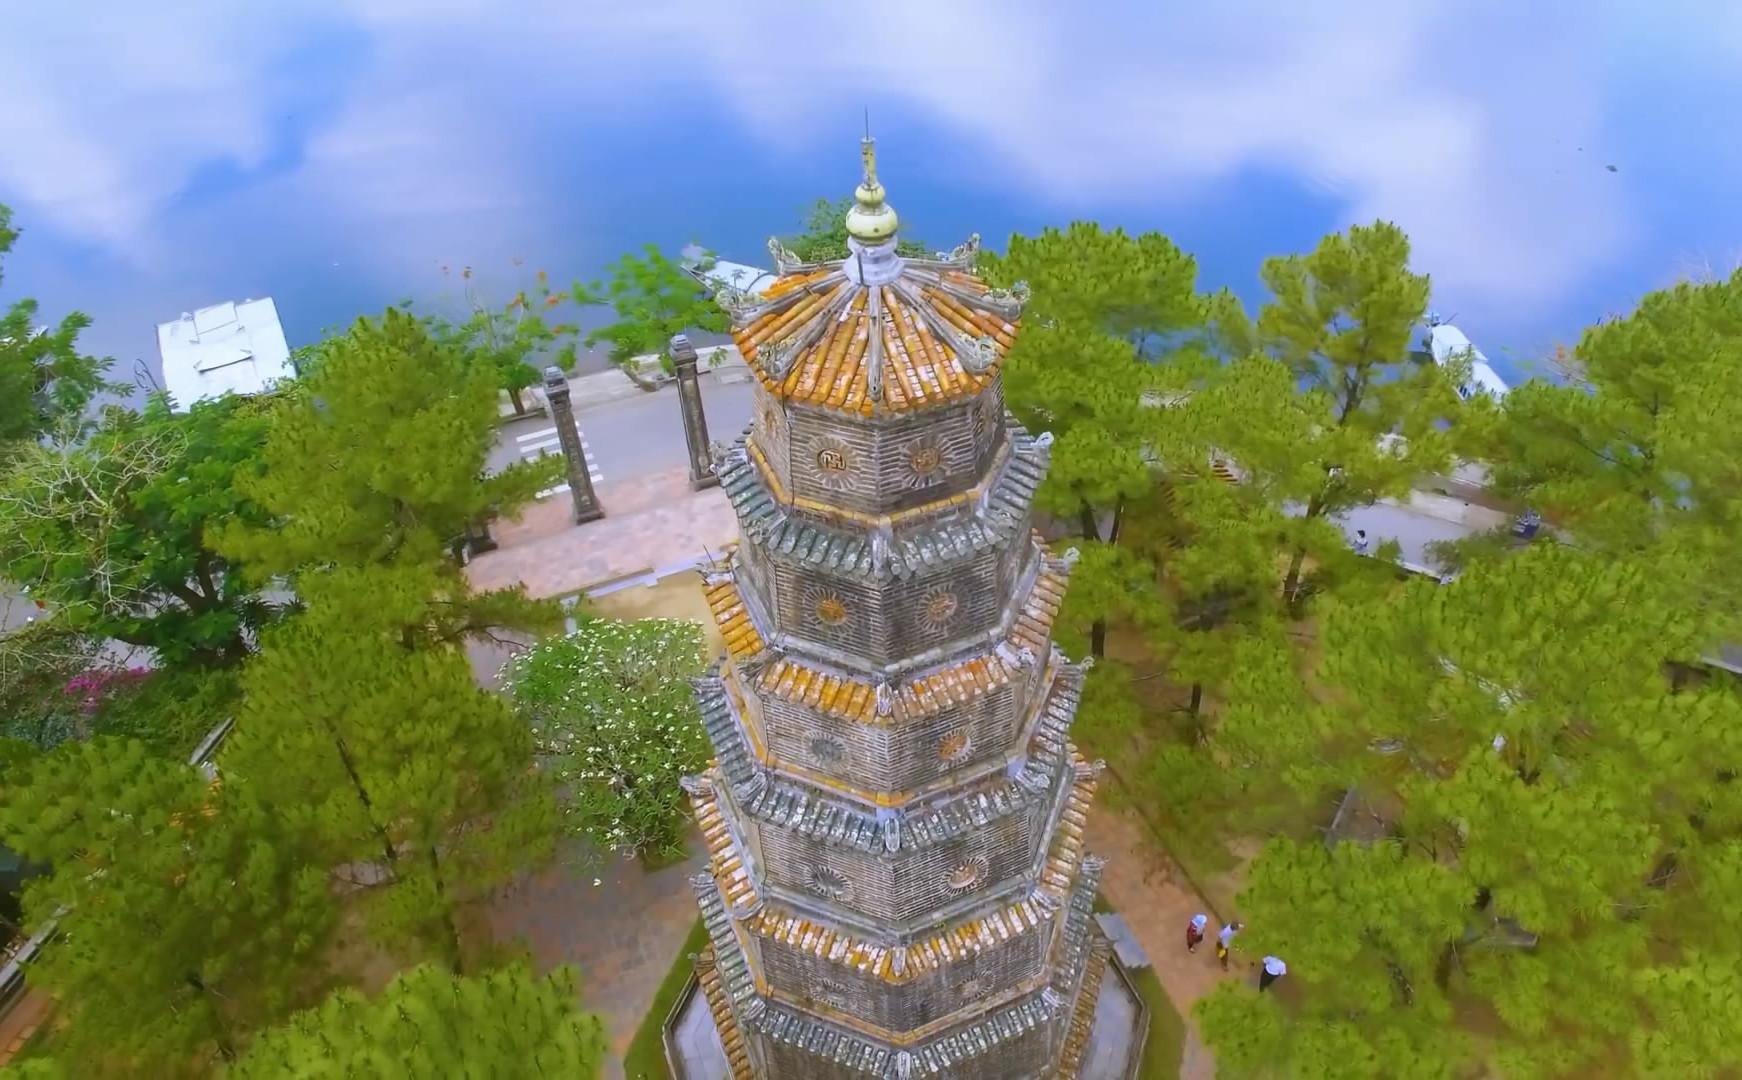 Ngôi chùa cổ kính soi bóng trên dòng sông Hương mộng mơ - 5